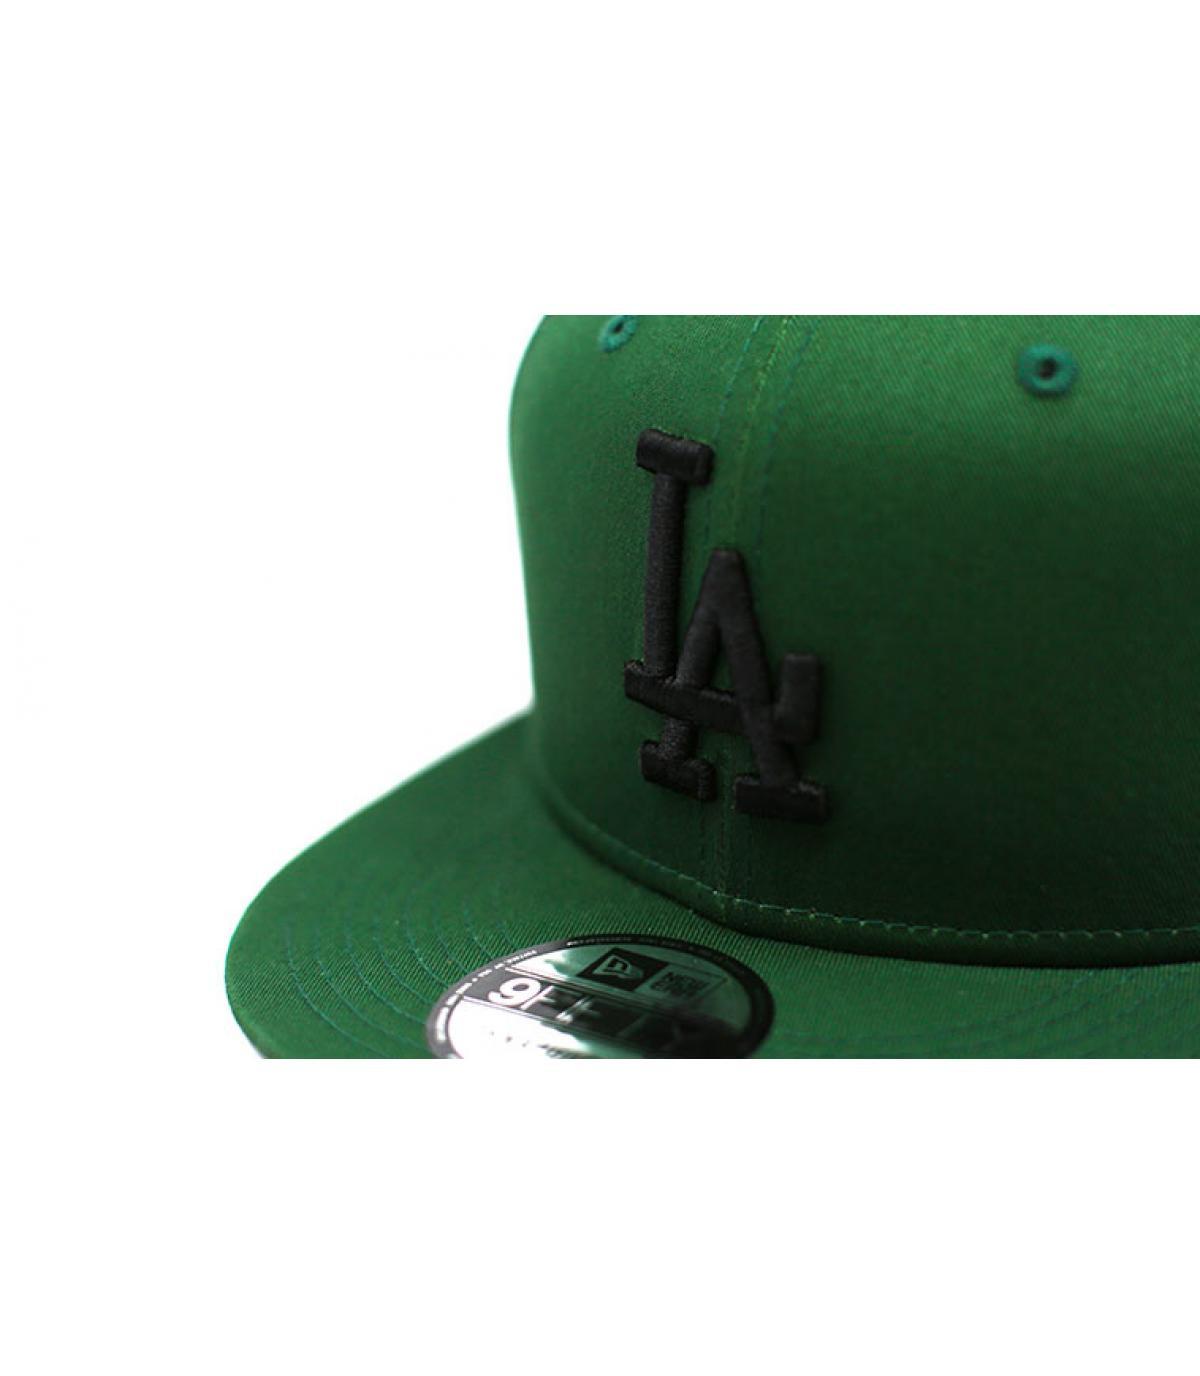 Details Snapback League Ess LA 950 hooley green black - Abbildung 3